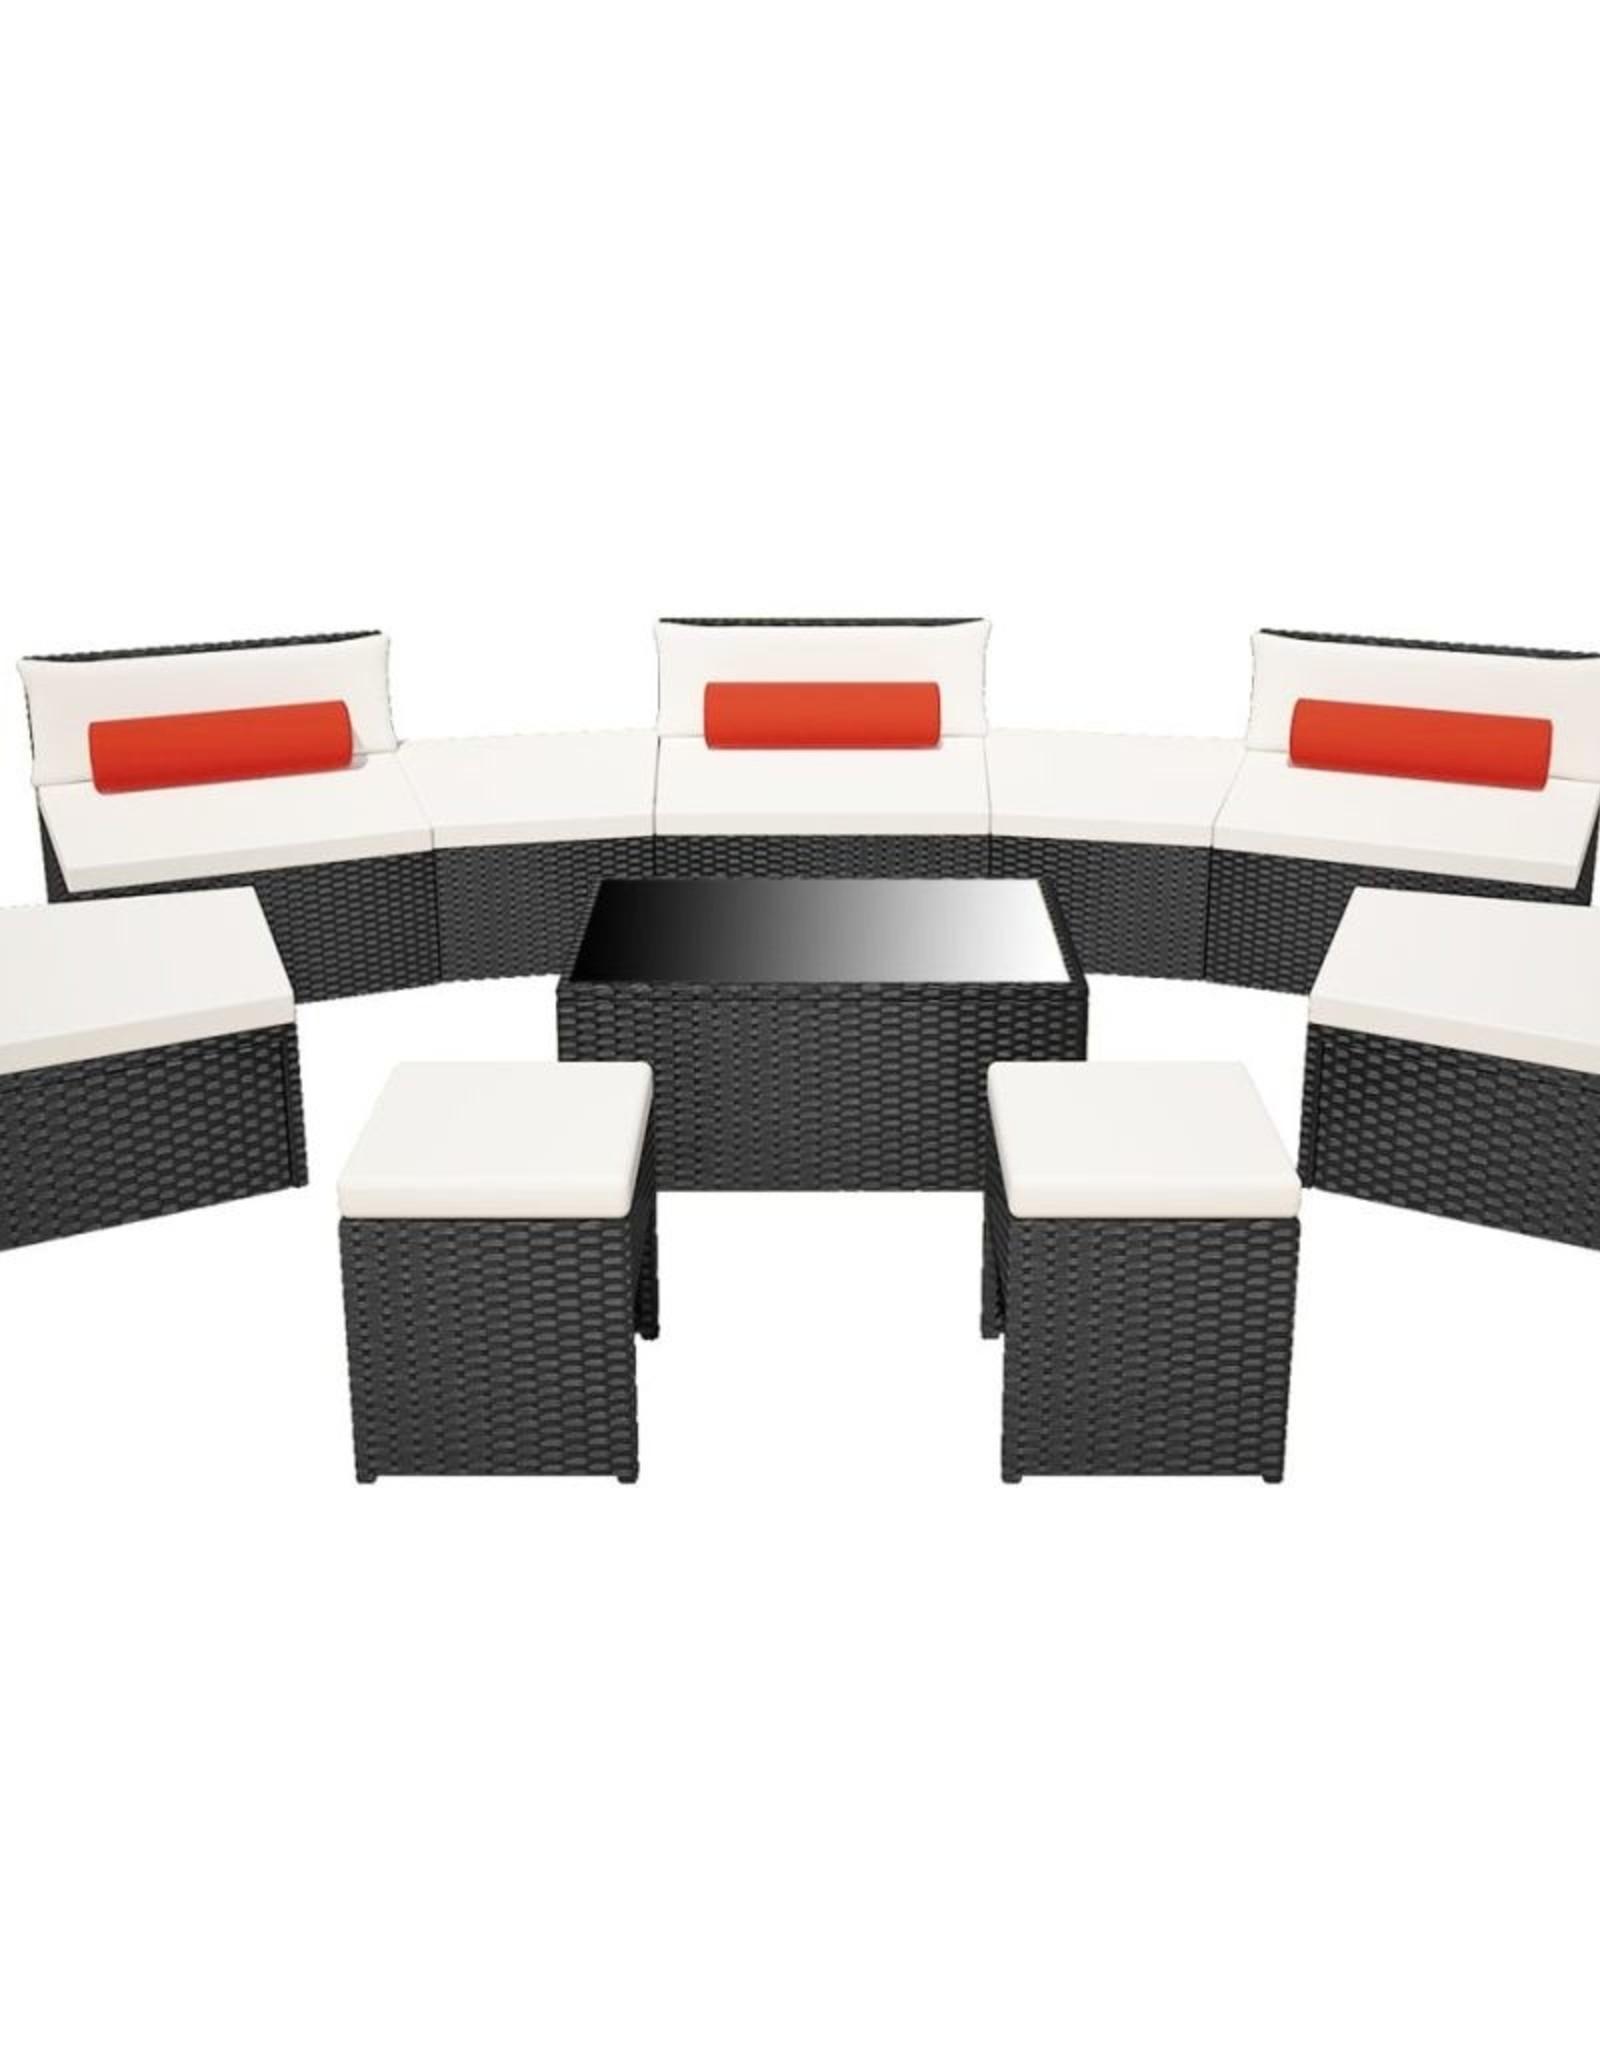 10-delige Loungeset met kussens poly rattan zwart